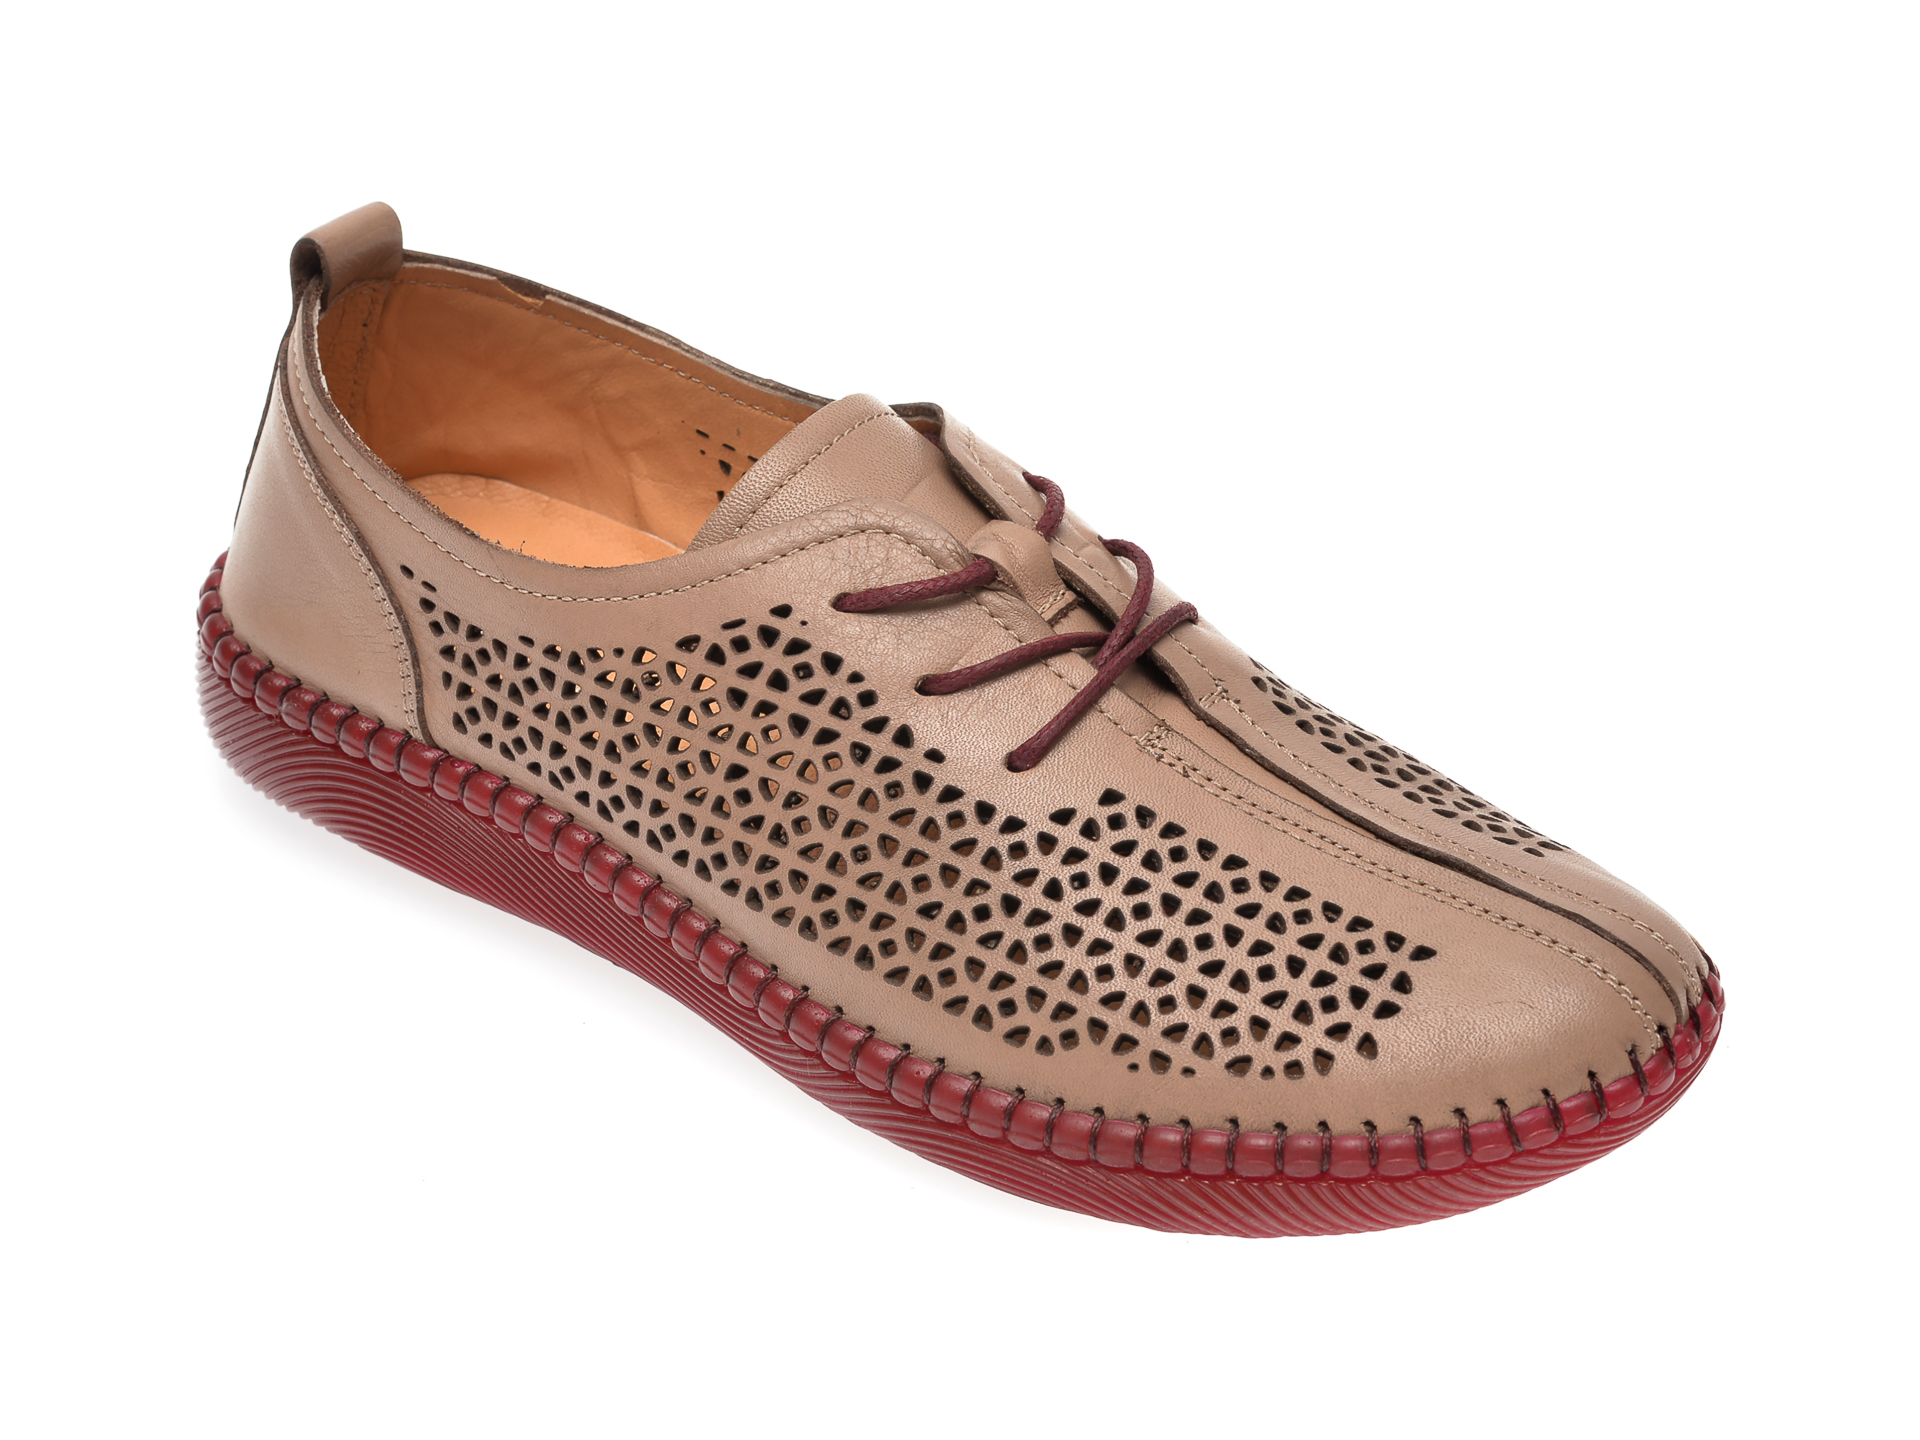 Pantofi FLAVIA PASSINI taupe, 8179000, din piele naturala